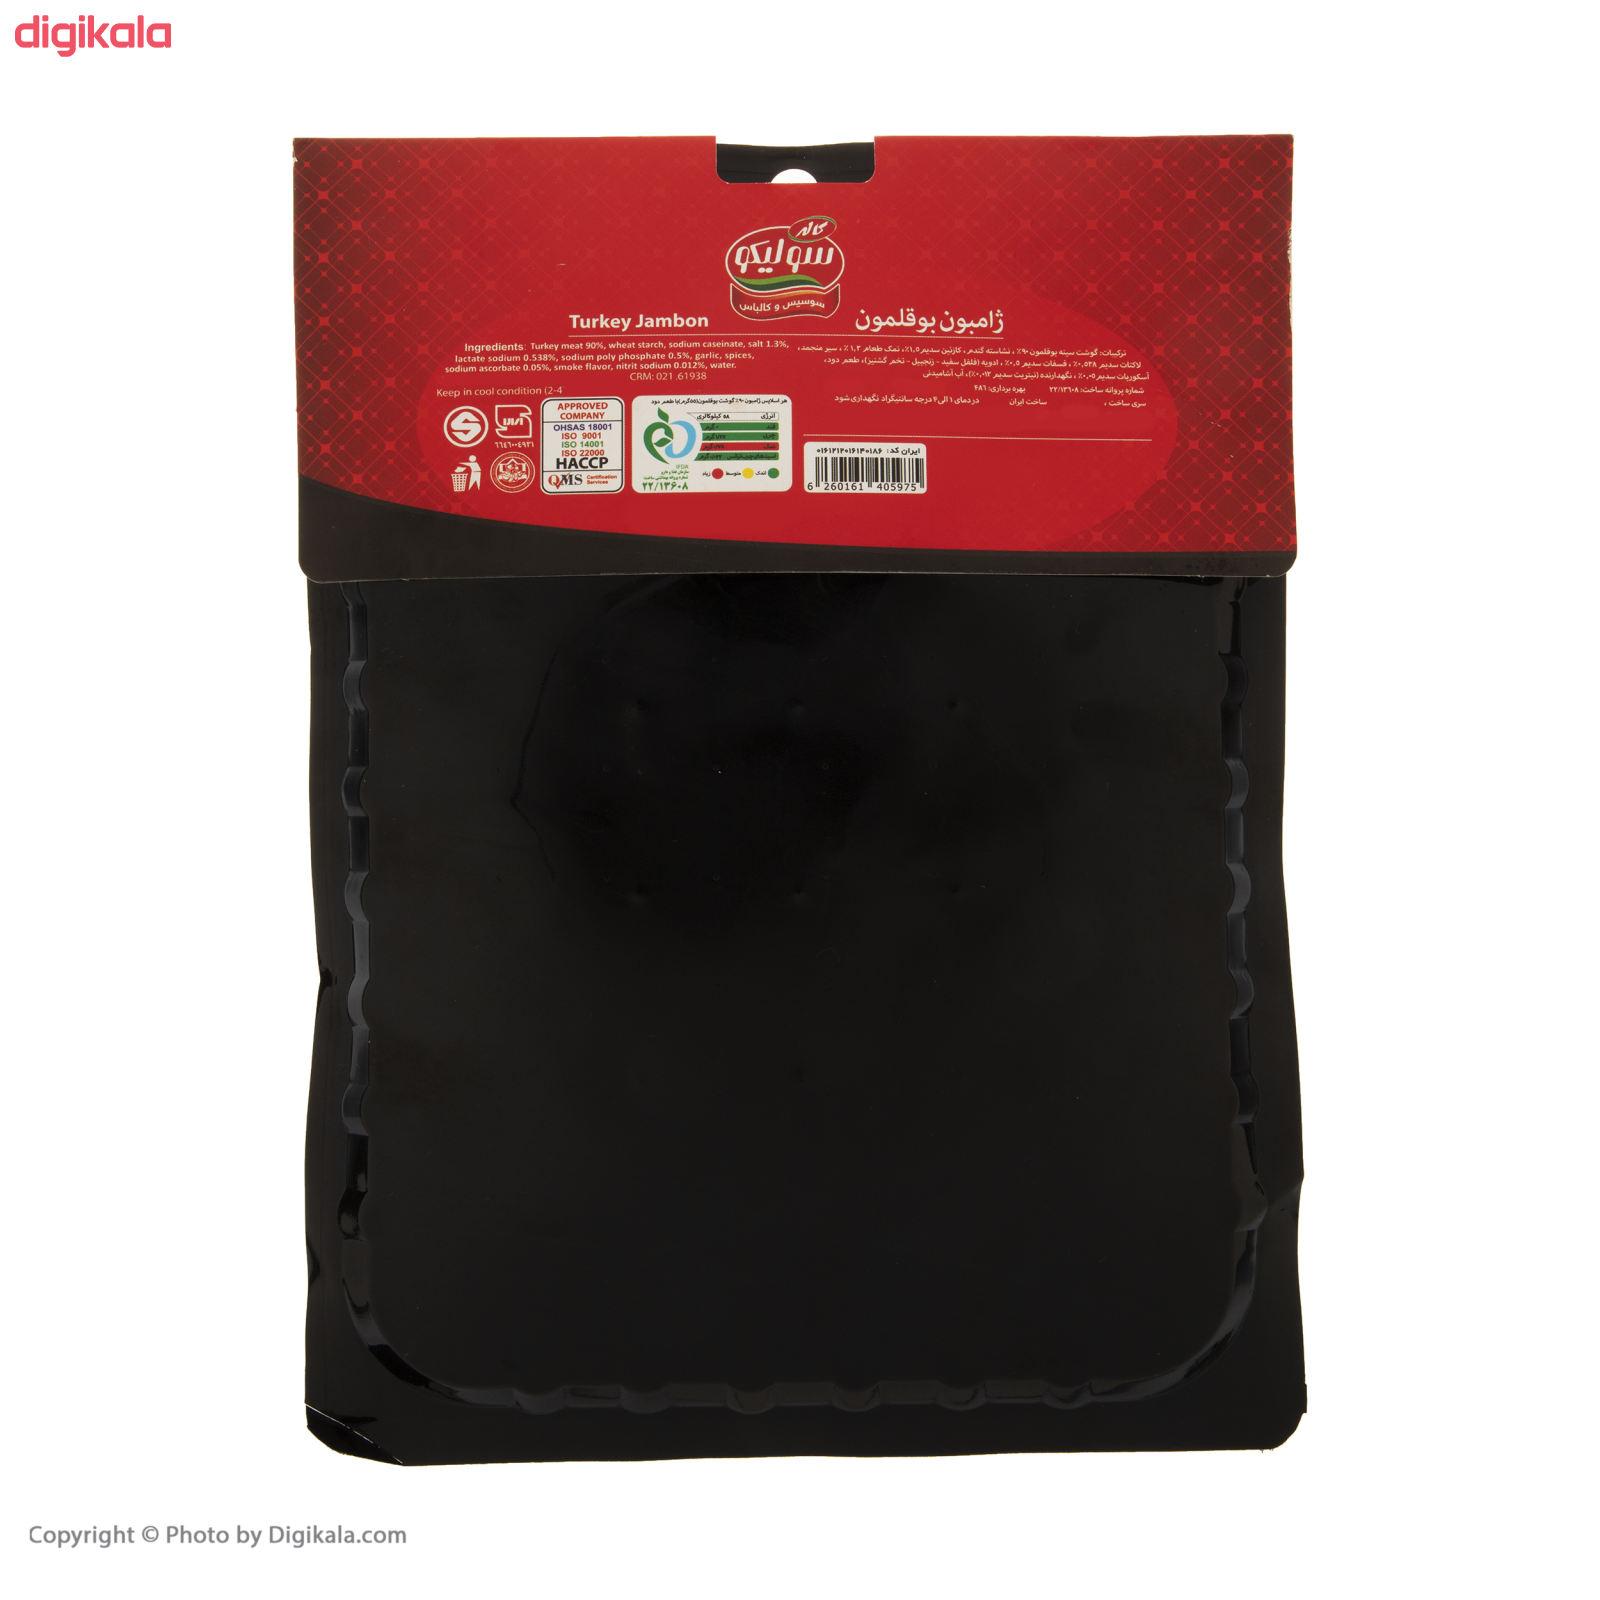 ژامبون بوقلمون سولیکو کاله - 250 گرم  main 1 1